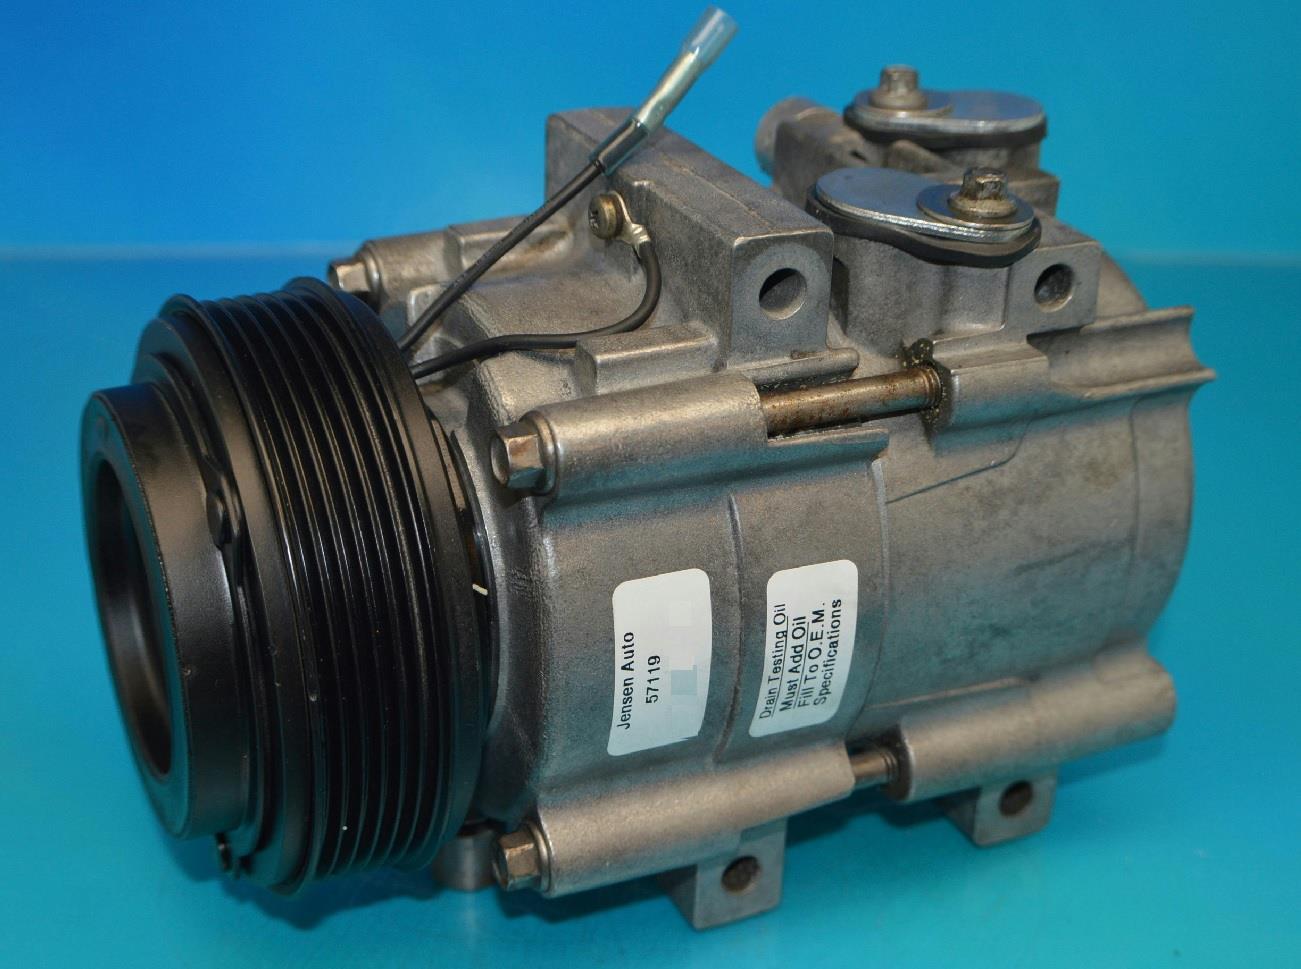 One Year Warranty Reman 57119 AC Compressor fits 2002-2005 Kia Sedona